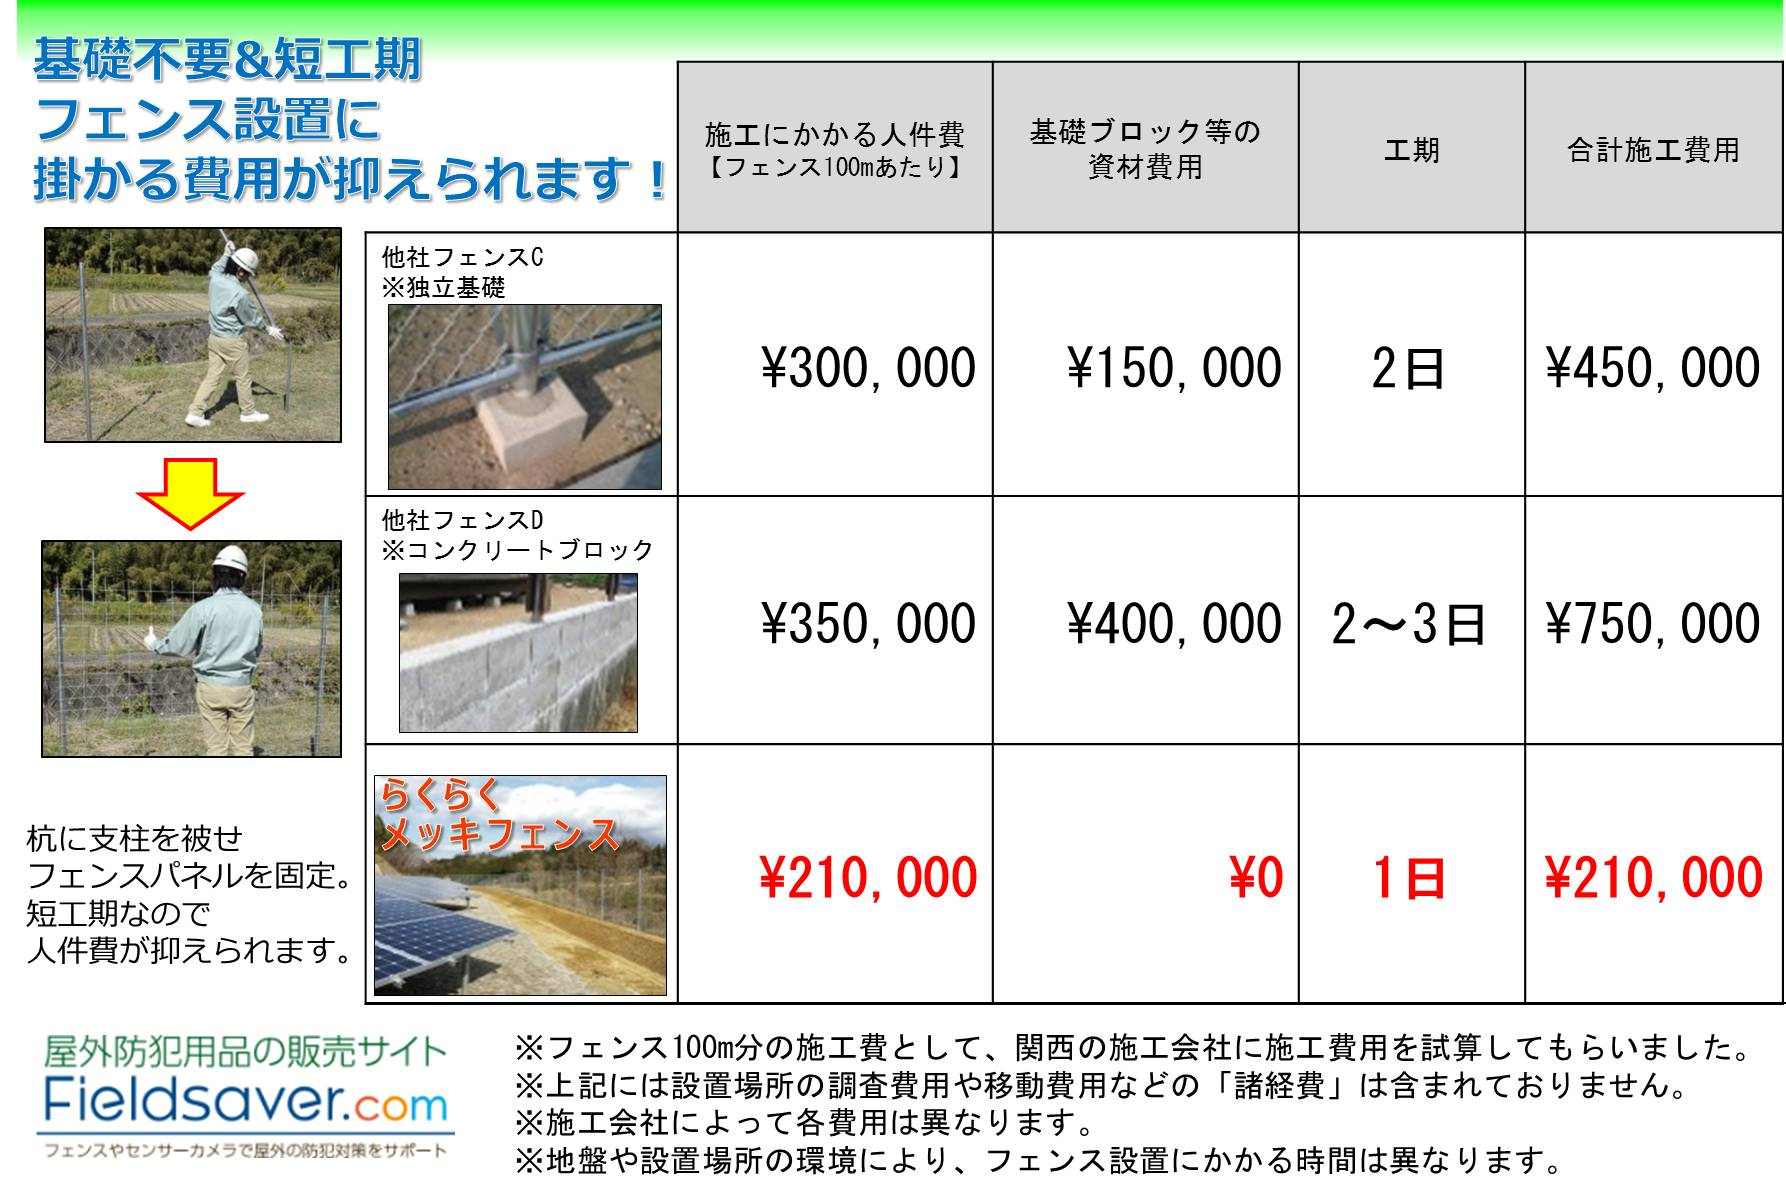 フェンス施工に掛かる費用の試算資料④